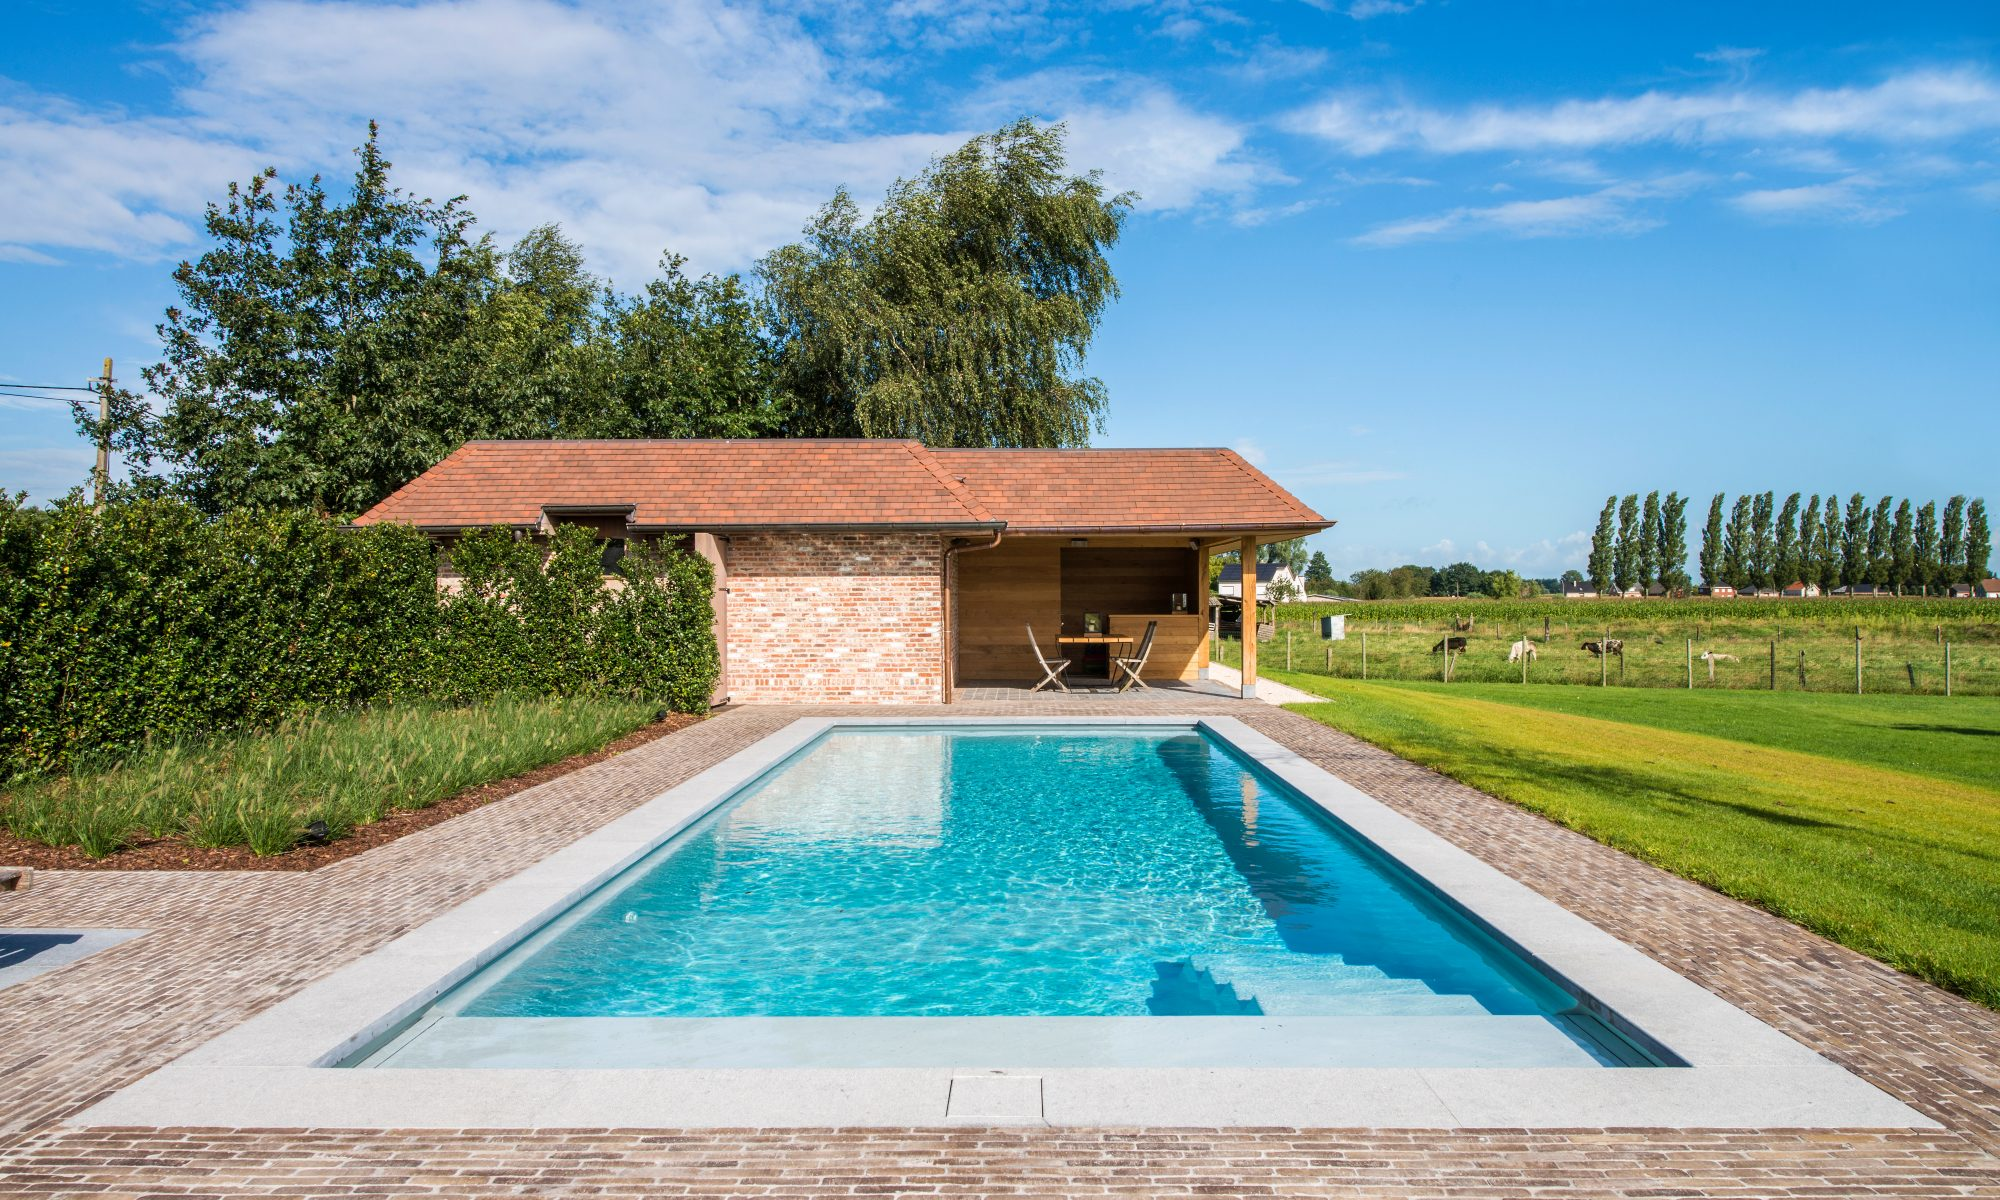 Piscine avec plage La Plage 11 avec pool house LPW POOLS